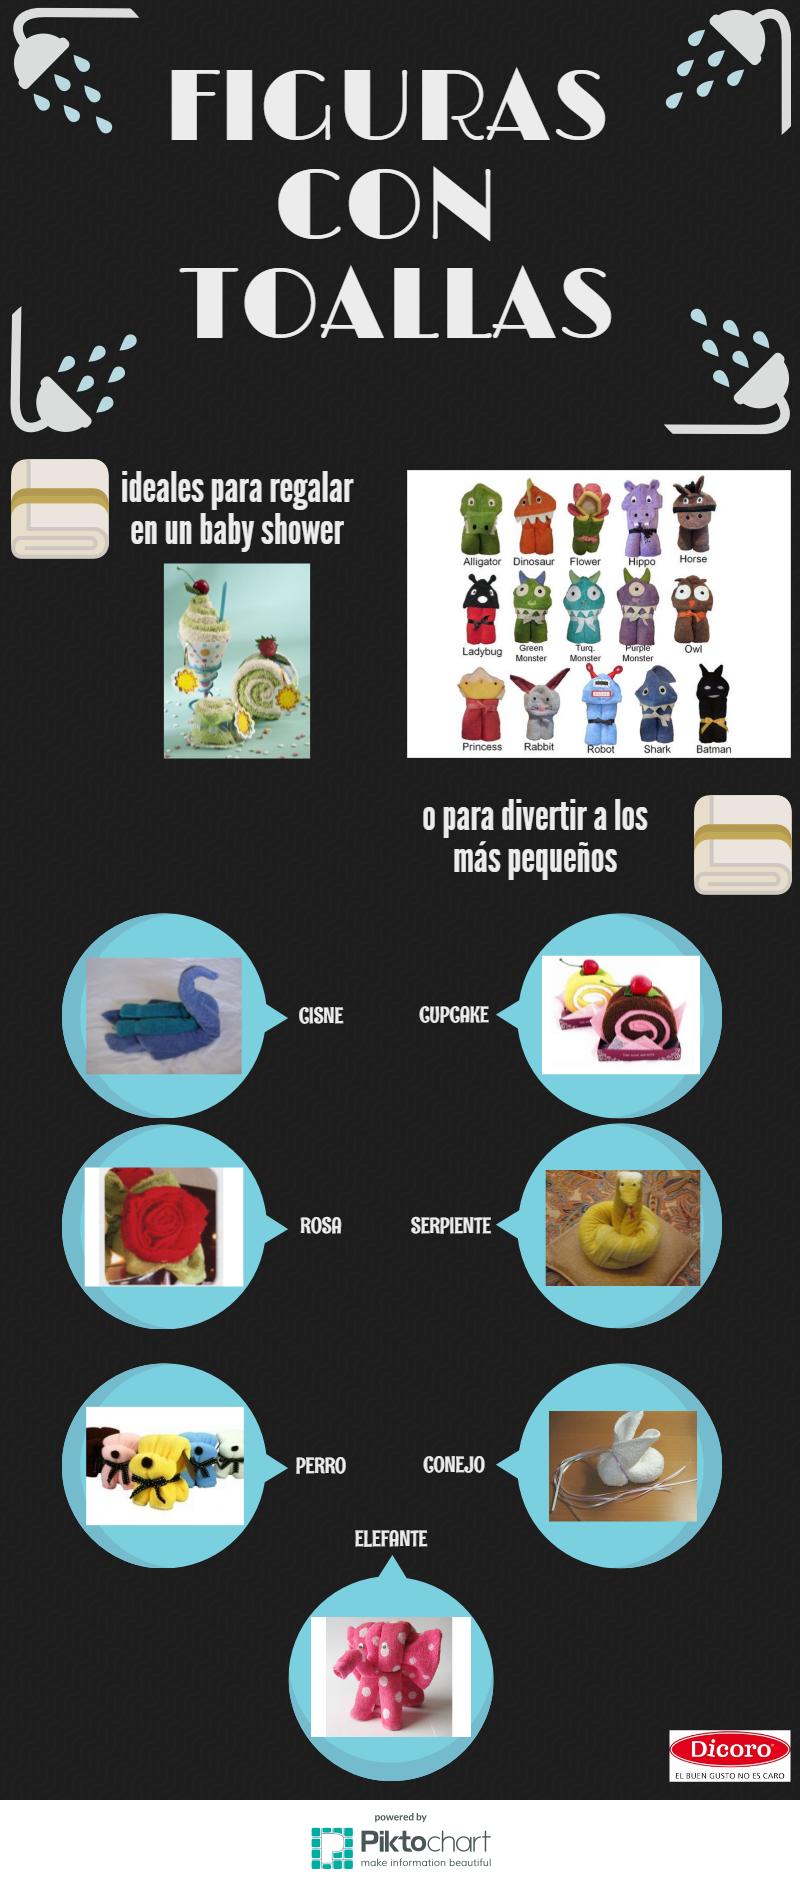 como hacer figuras con toallas paso a paso (infografia)